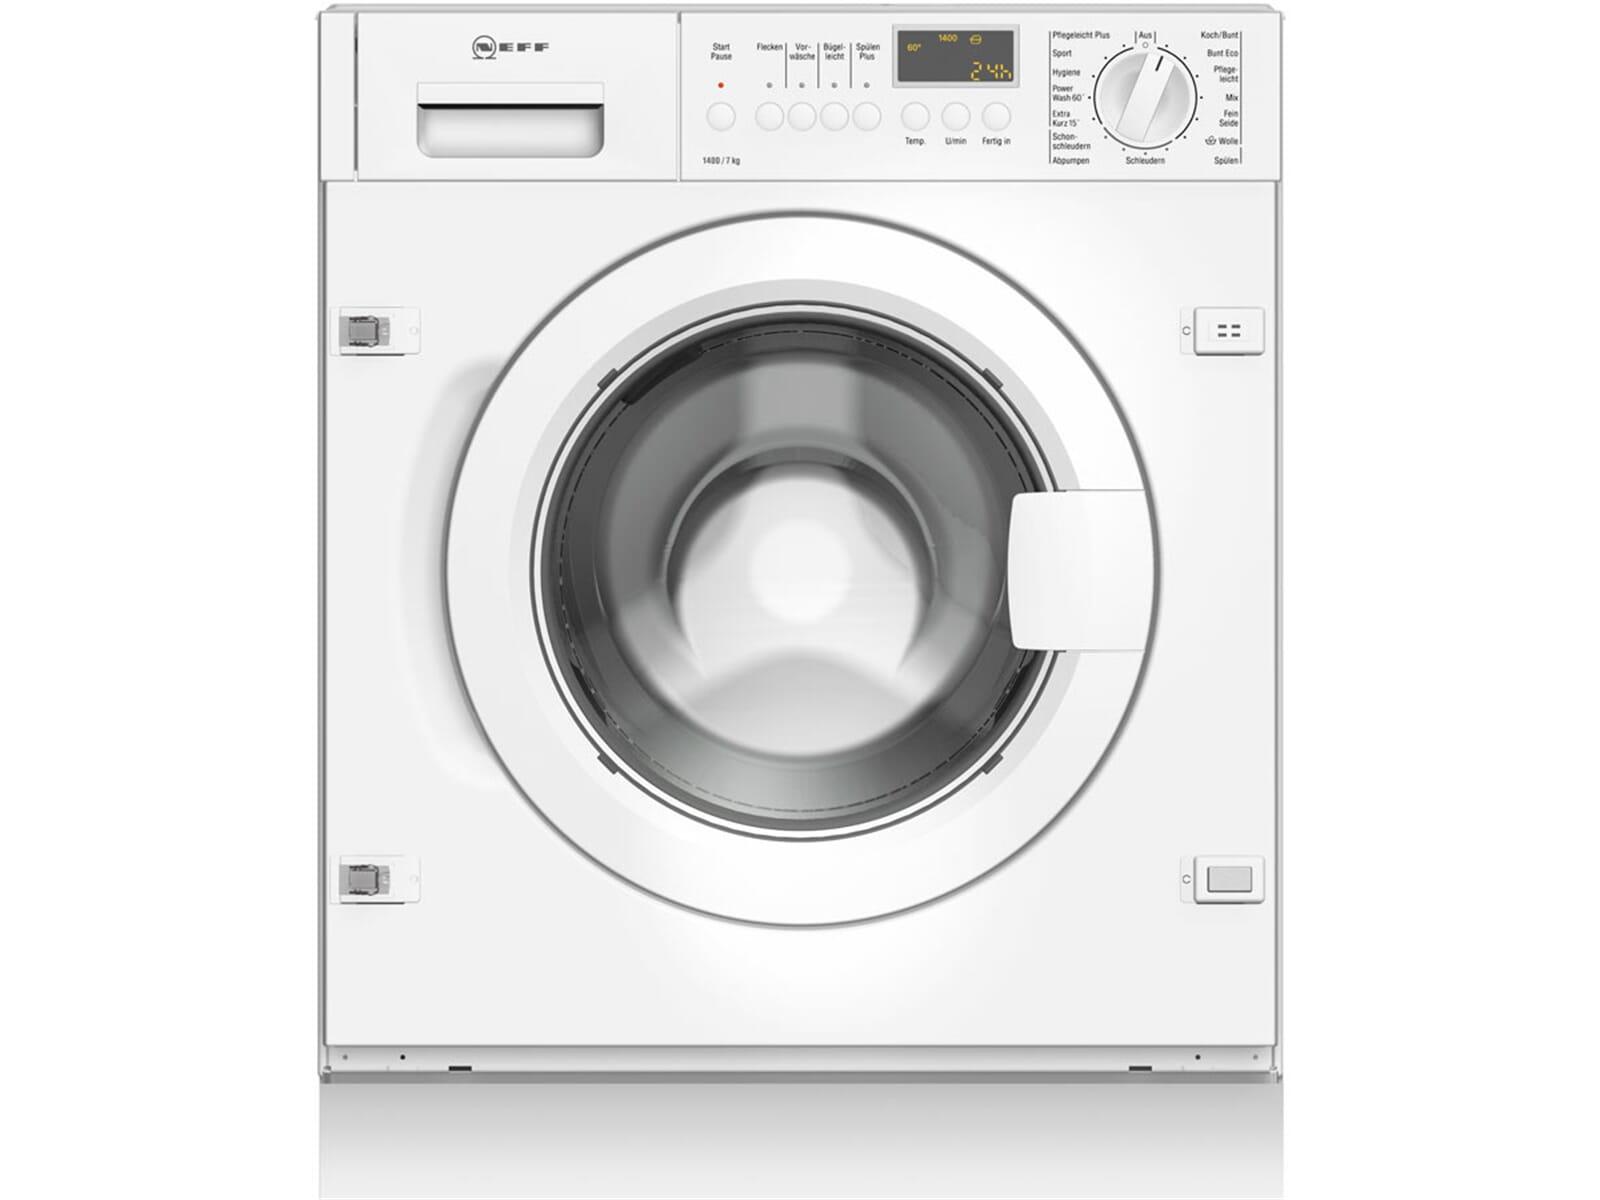 neff wv 544 einbauger t waschmaschine w5440x0 waschautomat frontlader 7 kg a ebay. Black Bedroom Furniture Sets. Home Design Ideas